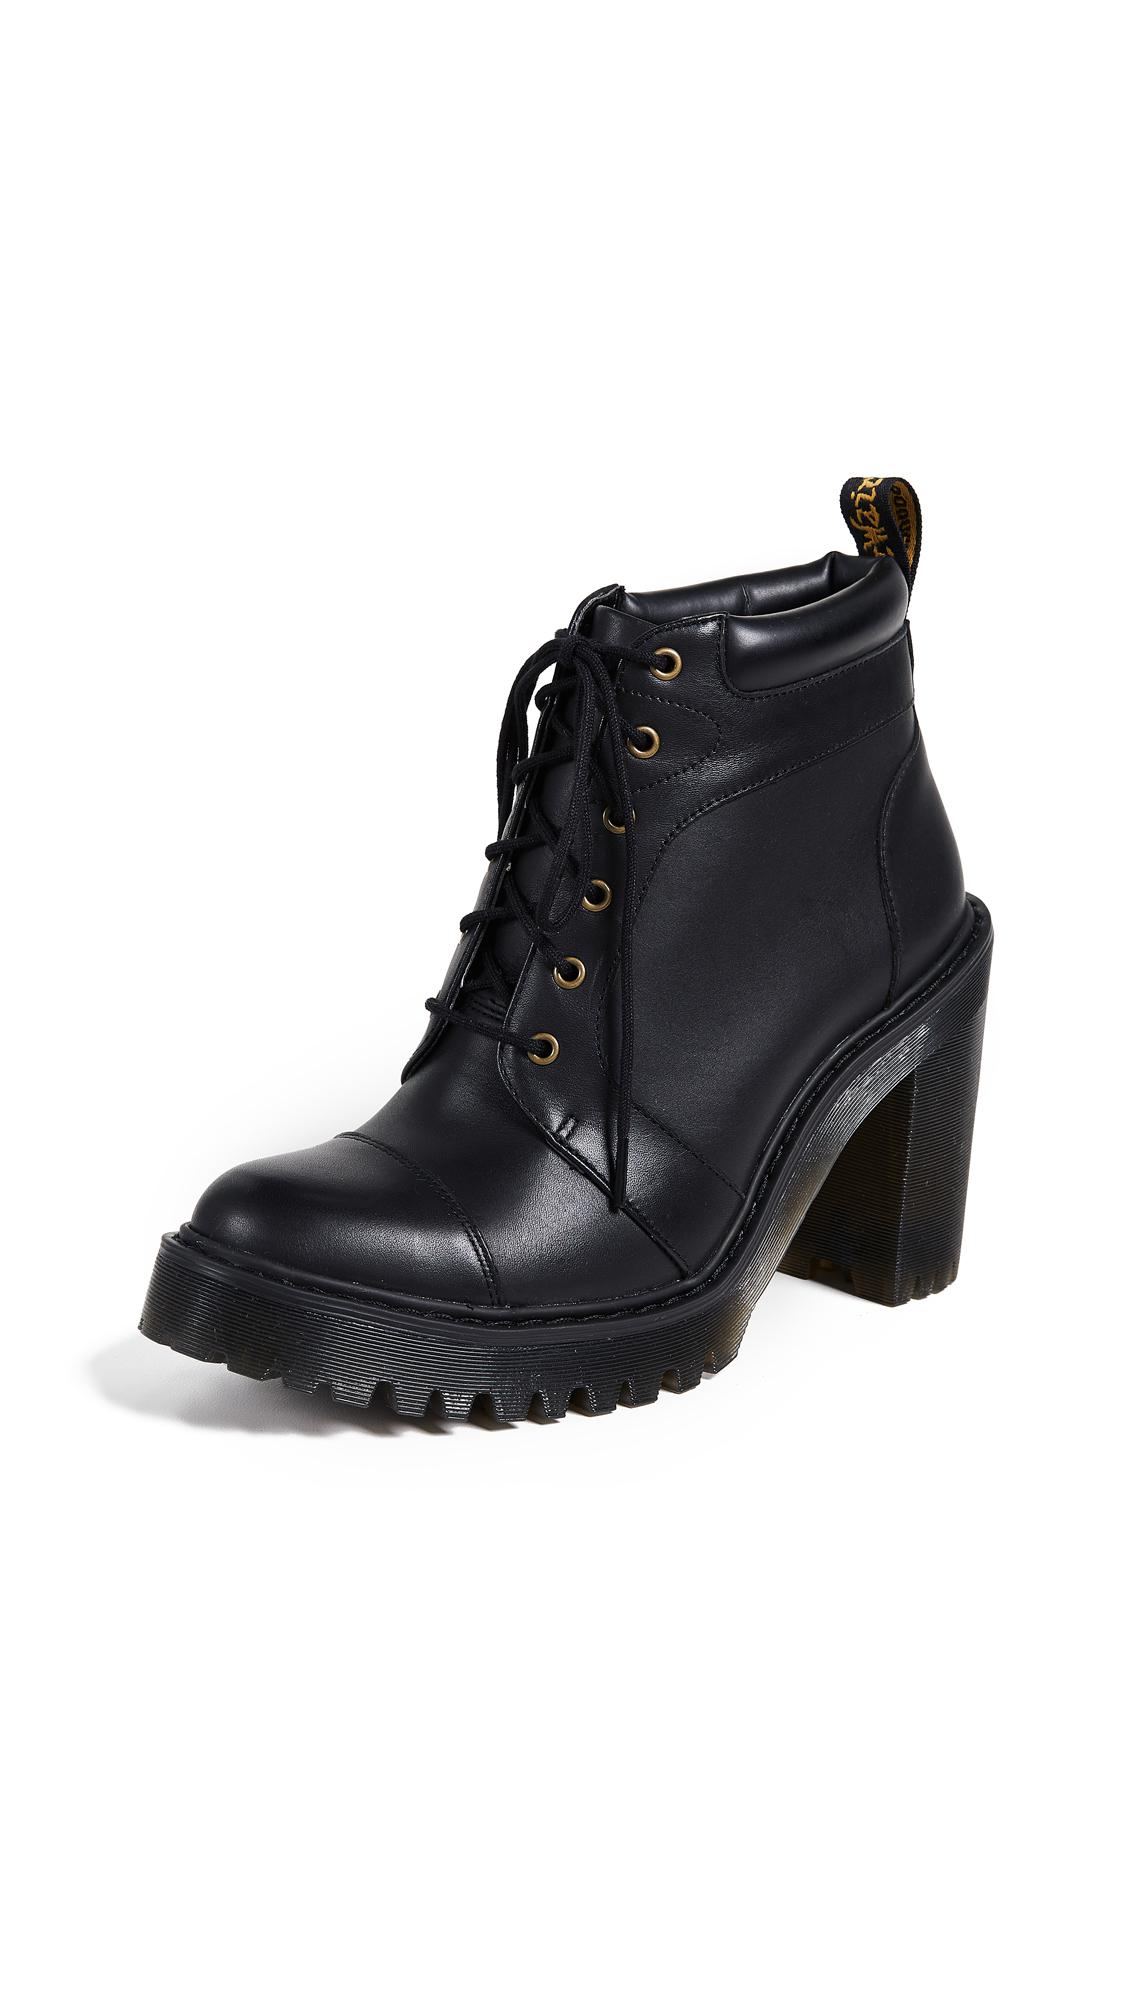 Buy Dr. Martens Averil 6 Eye Boots online, shop Dr. Martens